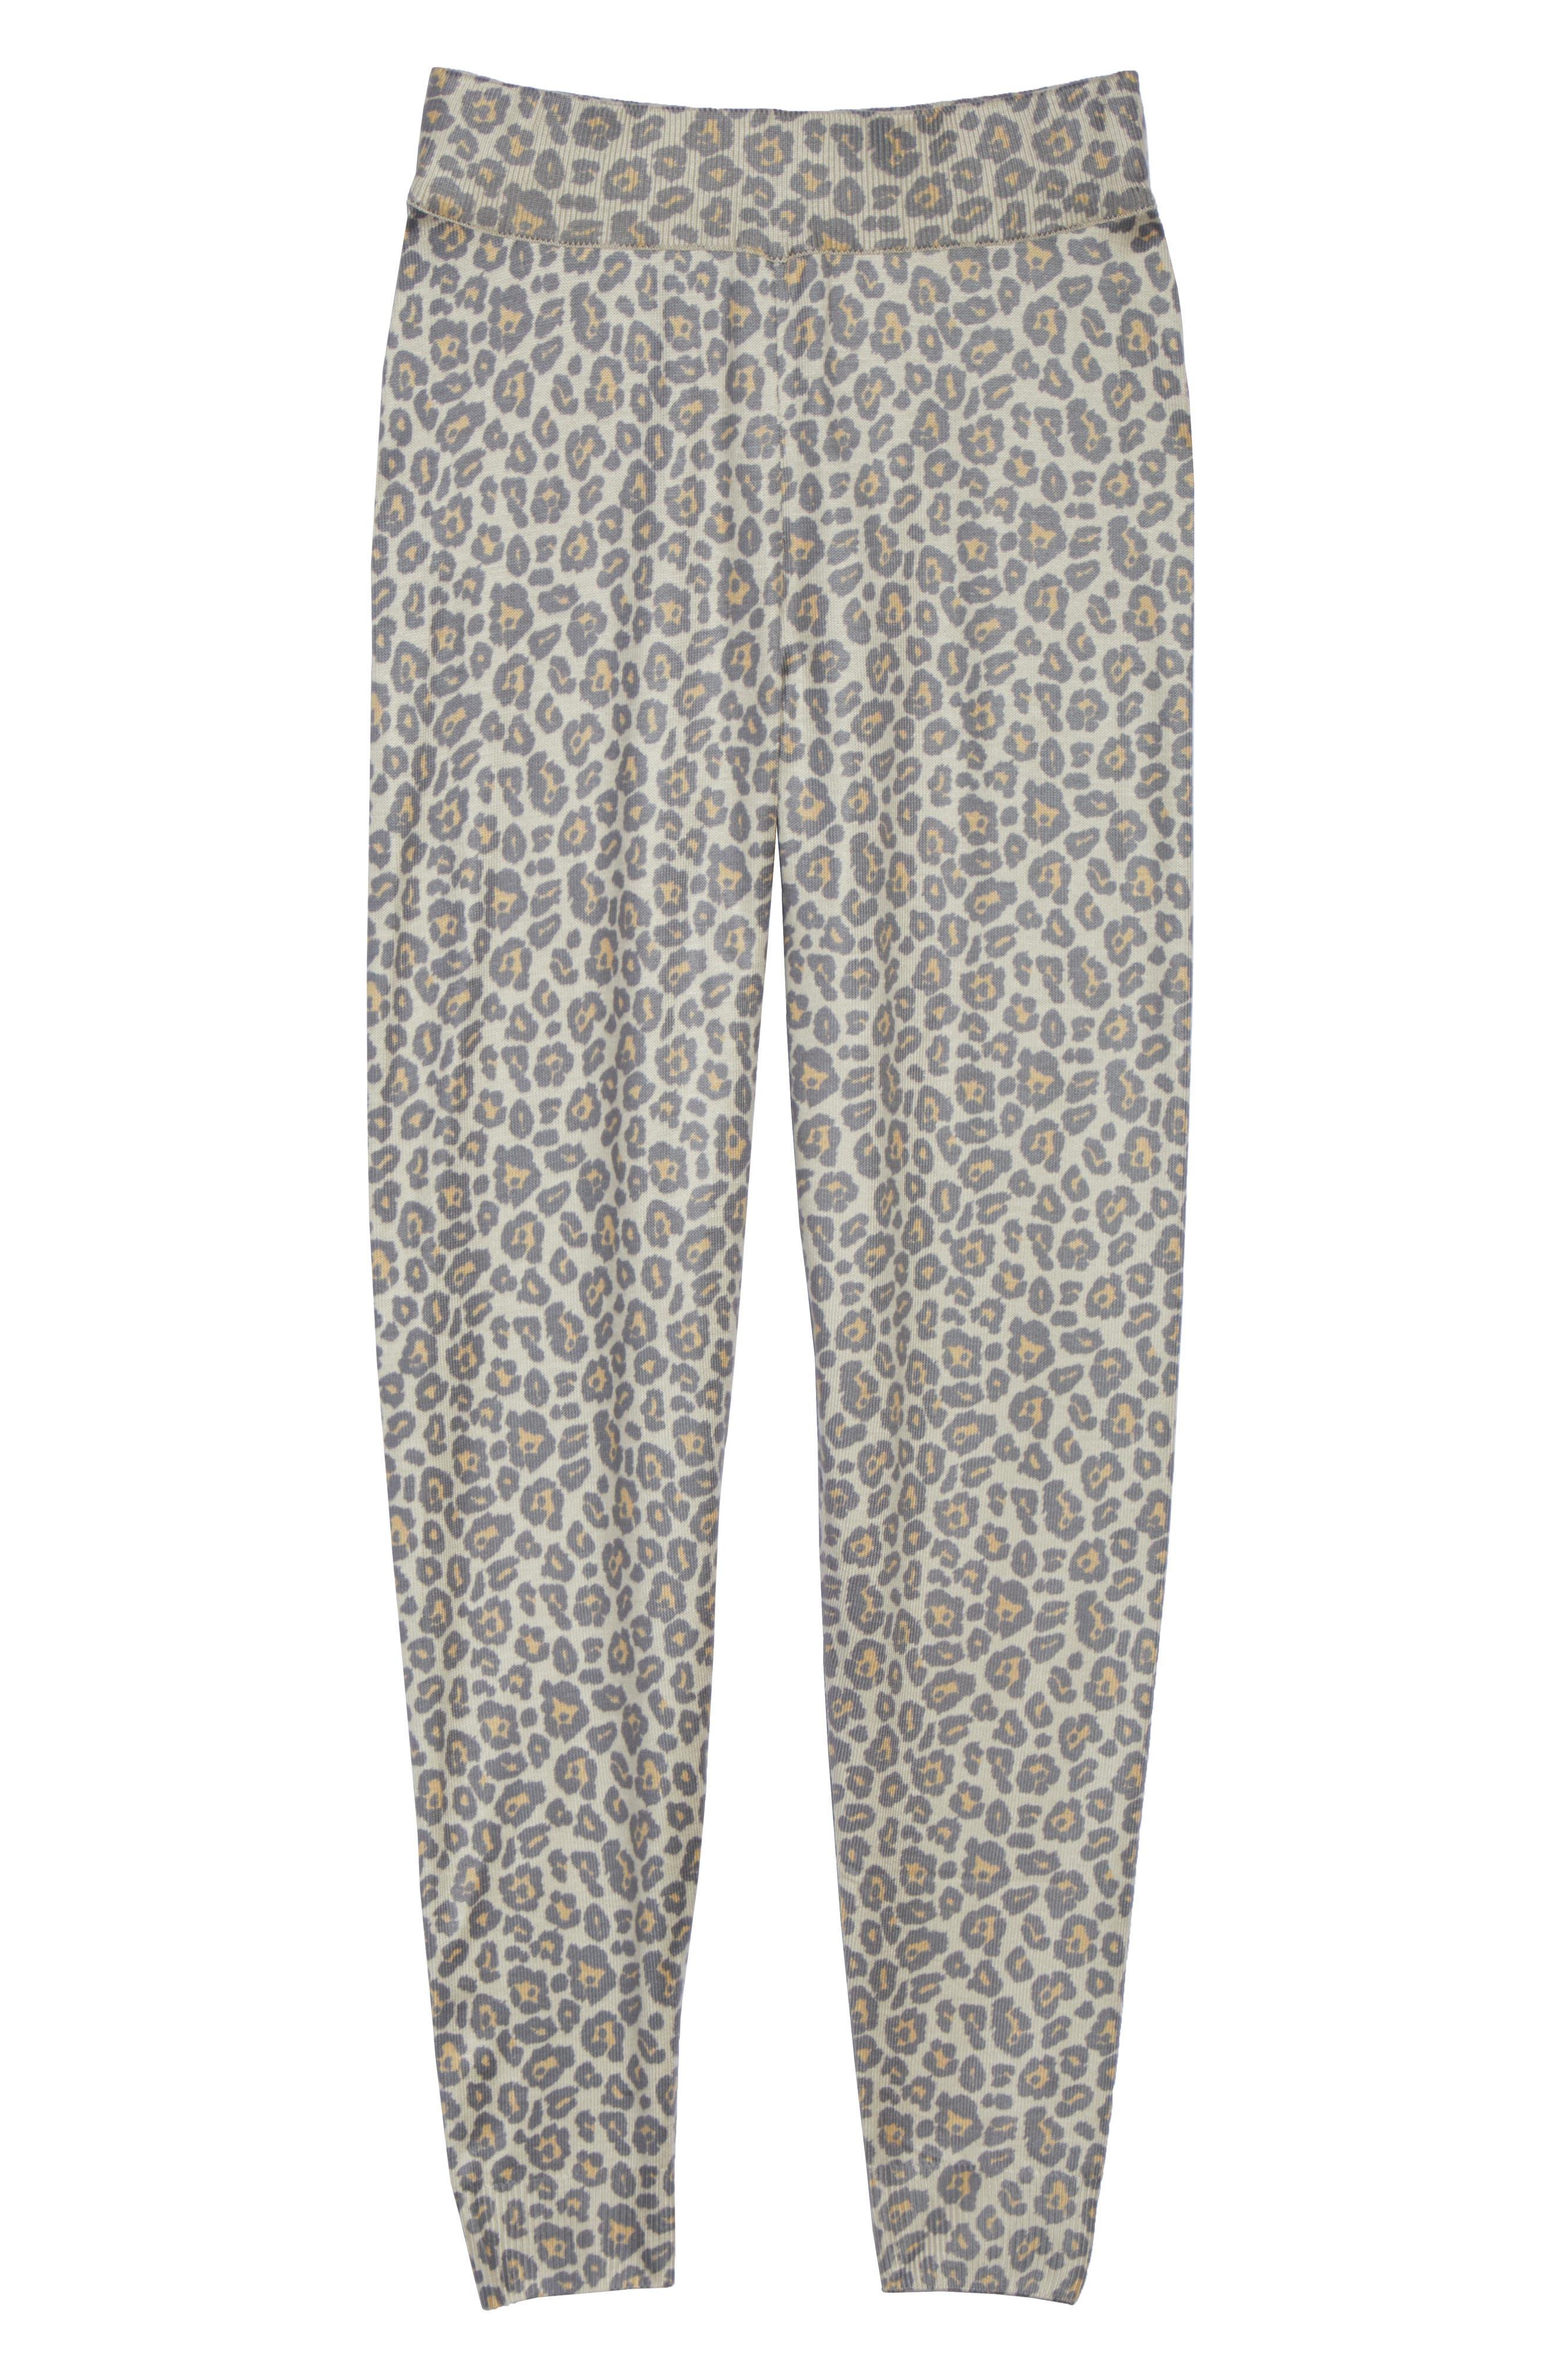 Leopard Knit Lounge Pant,                             Alternate thumbnail 6, color,                             250